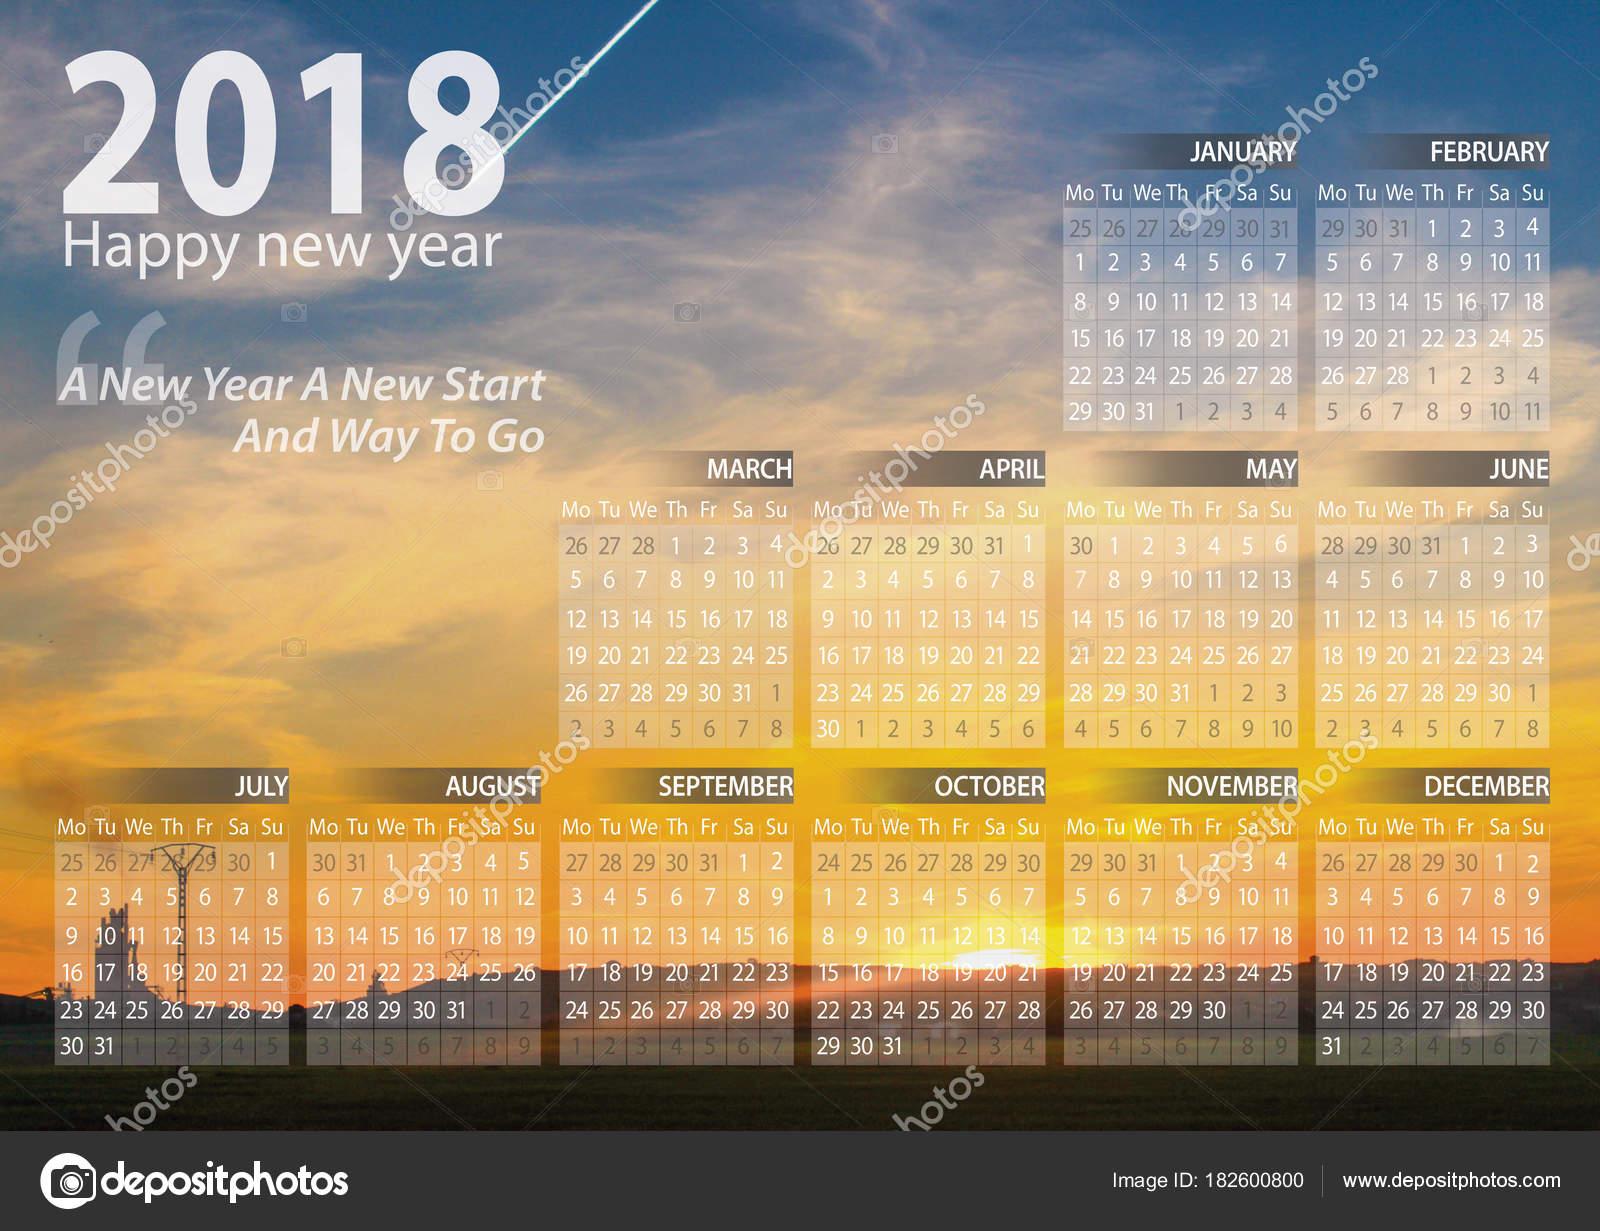 Calendrier Soleil.Bonne Annee Calendrier 2018 Avec Coucher Soleil Arriere Plan